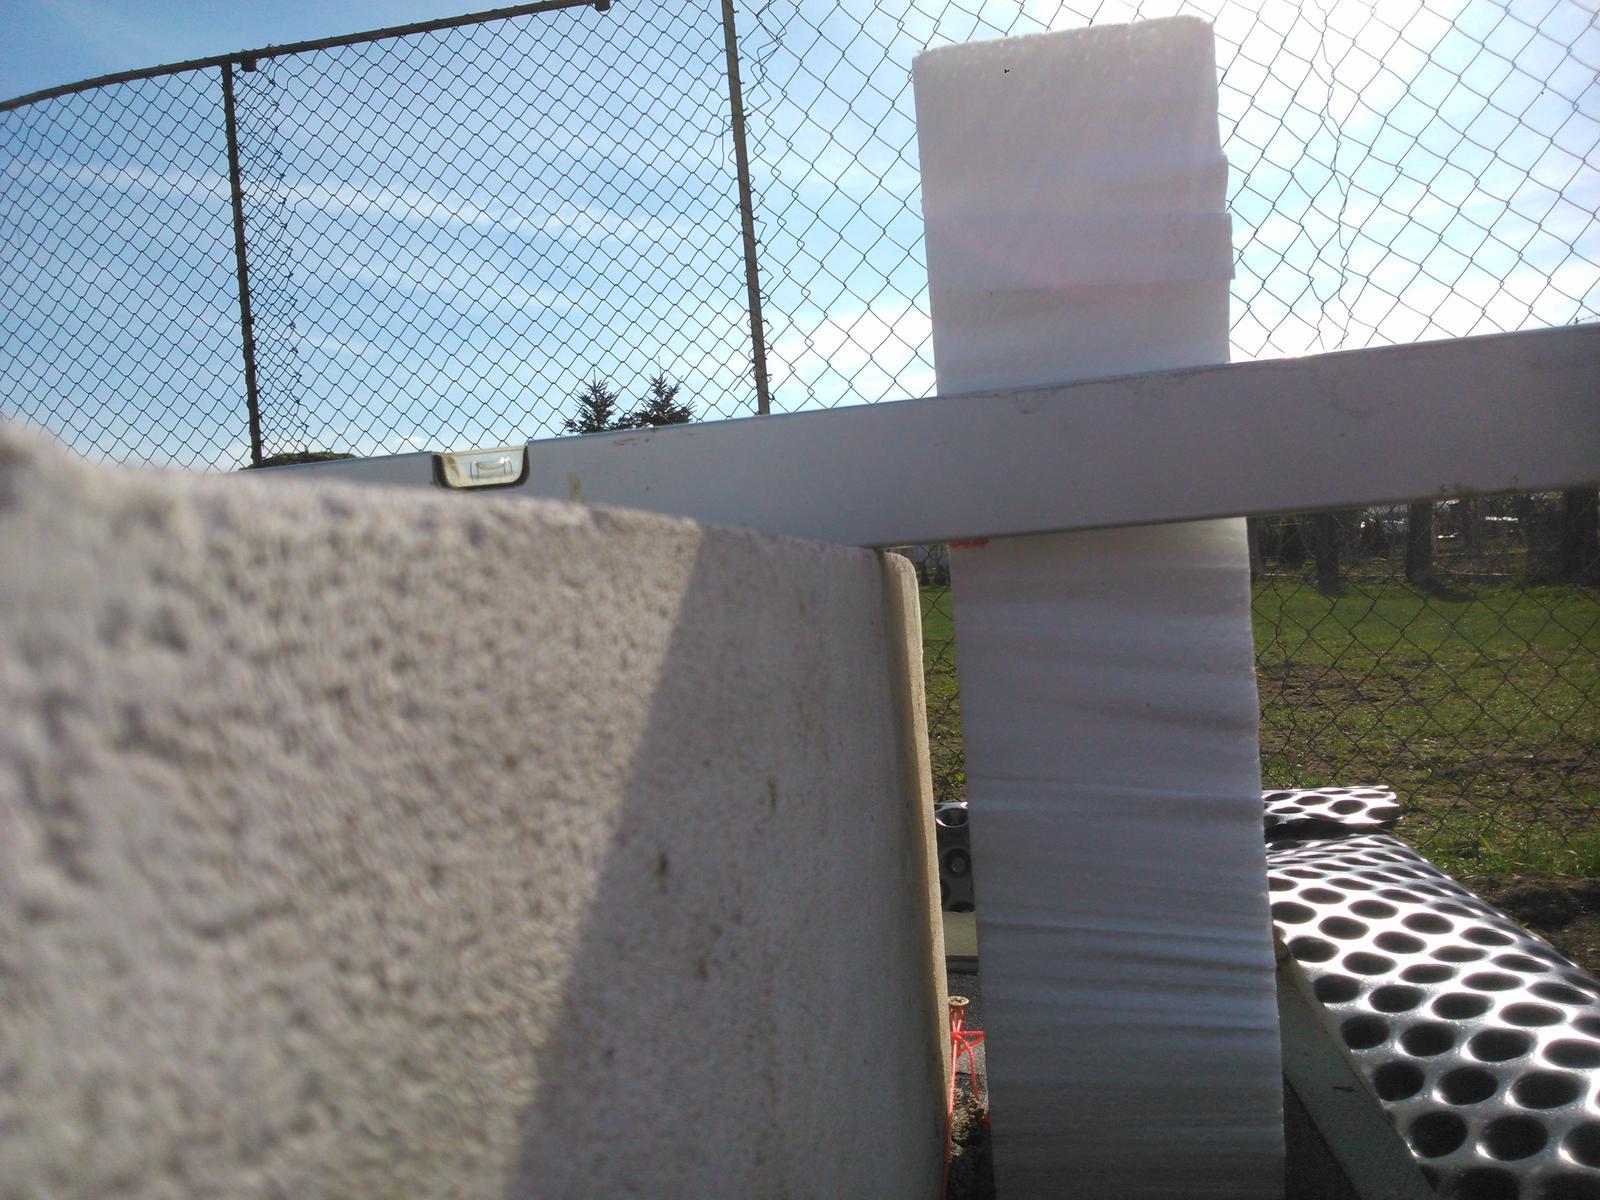 Domček pre moju rodinku :) - prvy kvader zalozeny, na polystyrene je zaznacena vyska